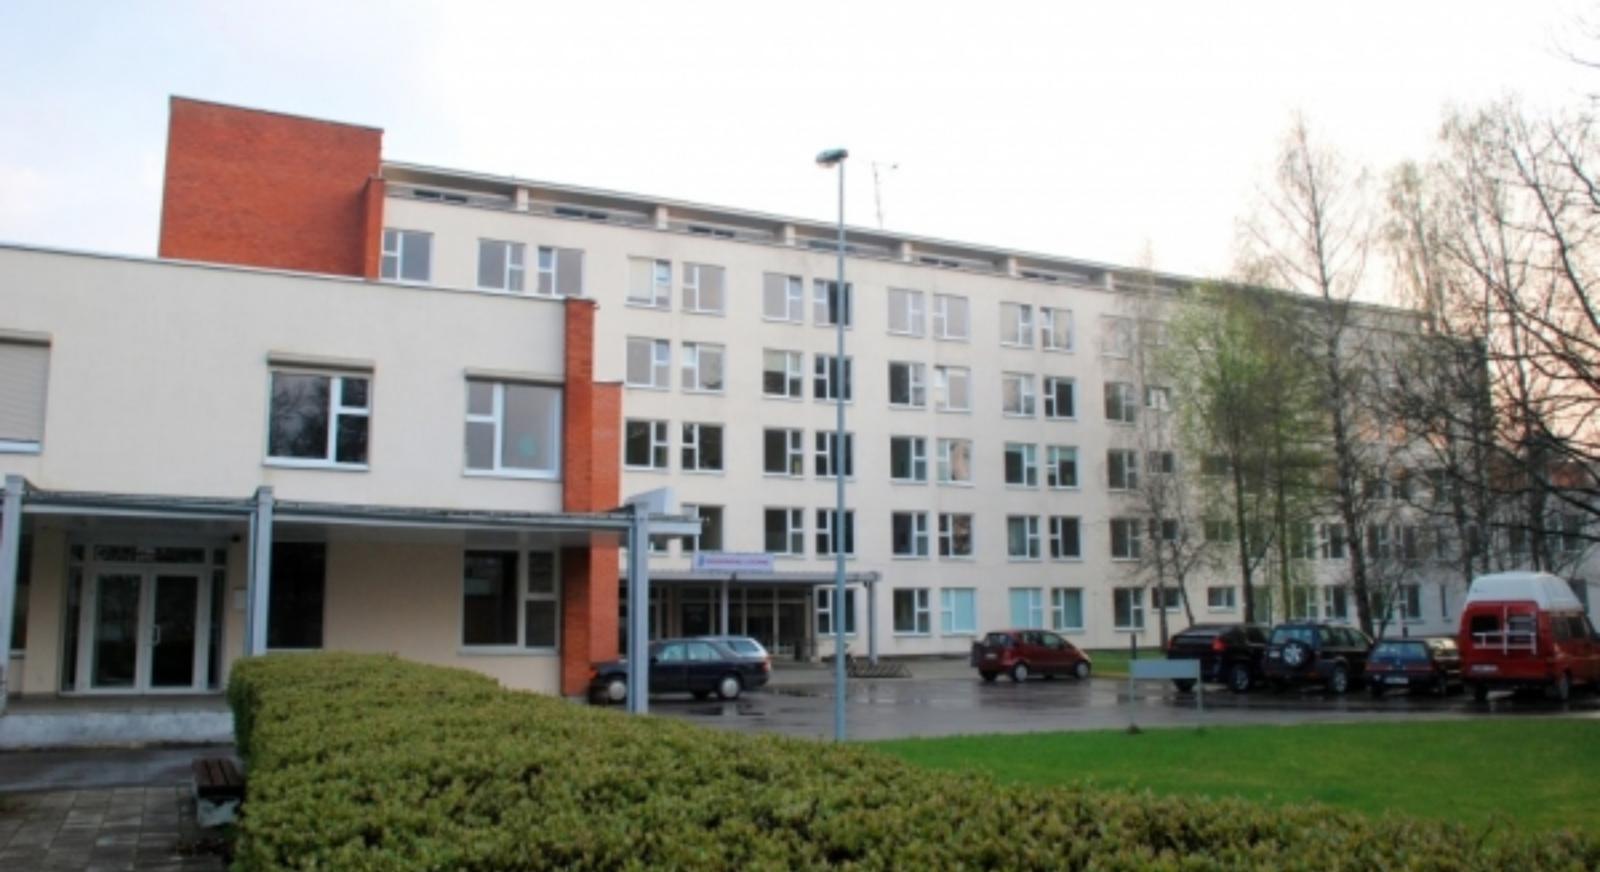 Informacija dėl Druskininkų ligoninės darbo tvarkos, pacientų lankymo ir siuntų perdavimo